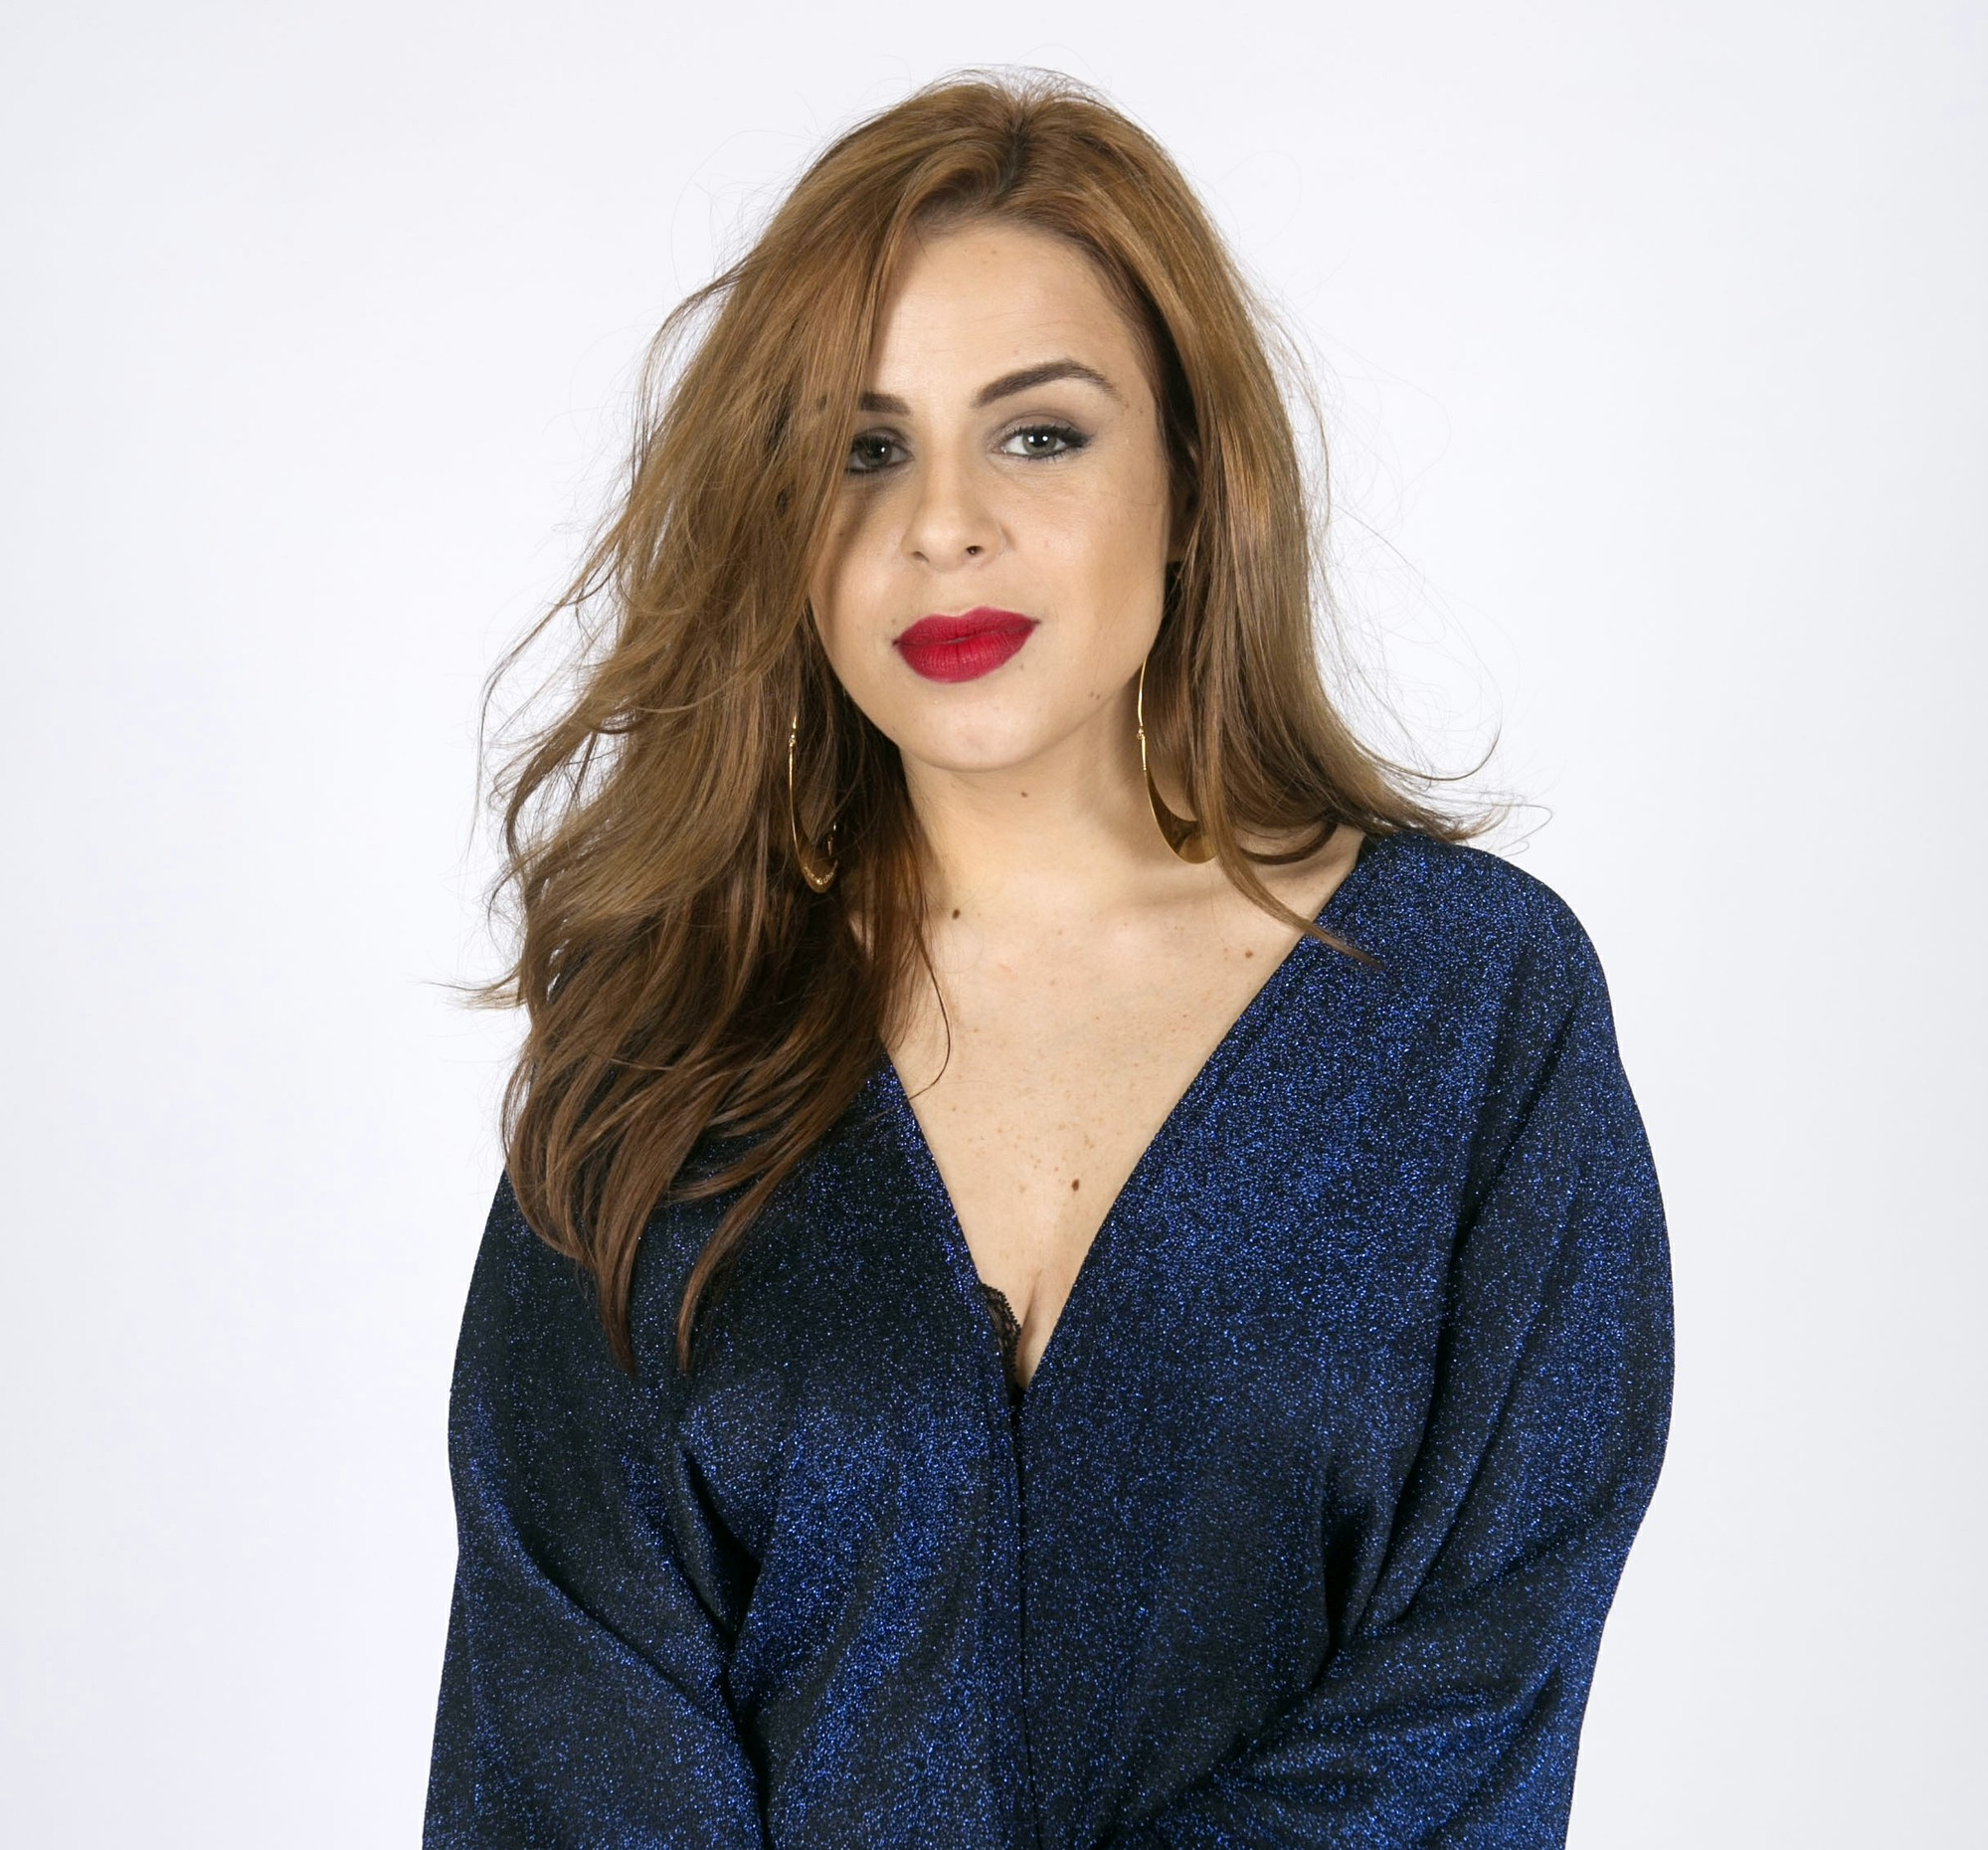 Mariana Volker